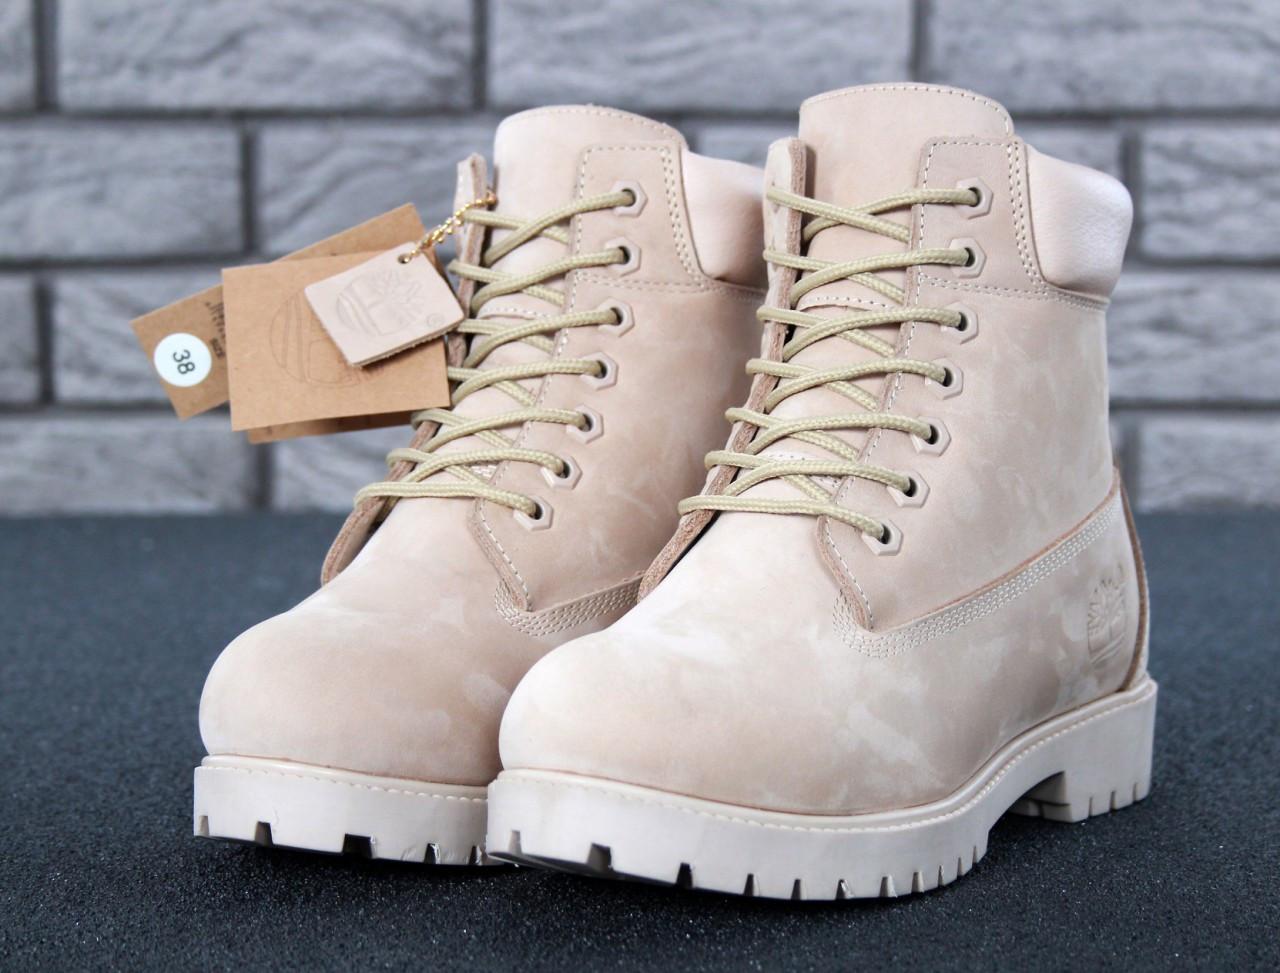 Ботинки женские Timberland 6-Inch Boots кремовые зимние на меху теплые